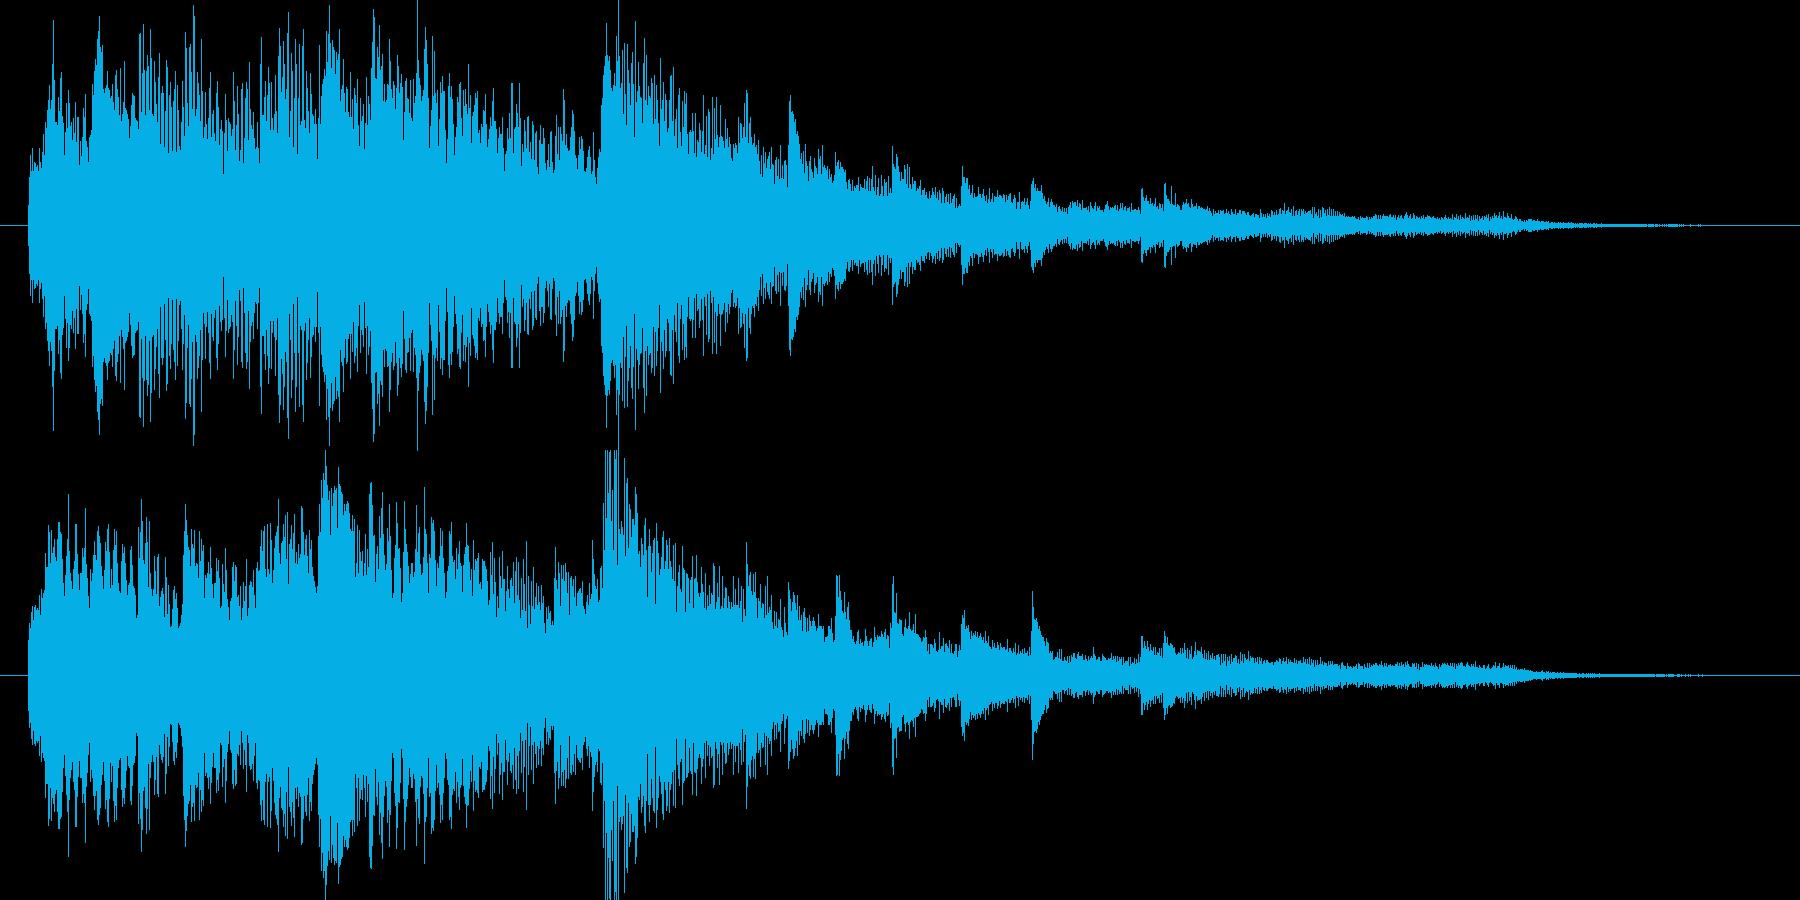 【ジングル】きれい系ピアノジングルの再生済みの波形